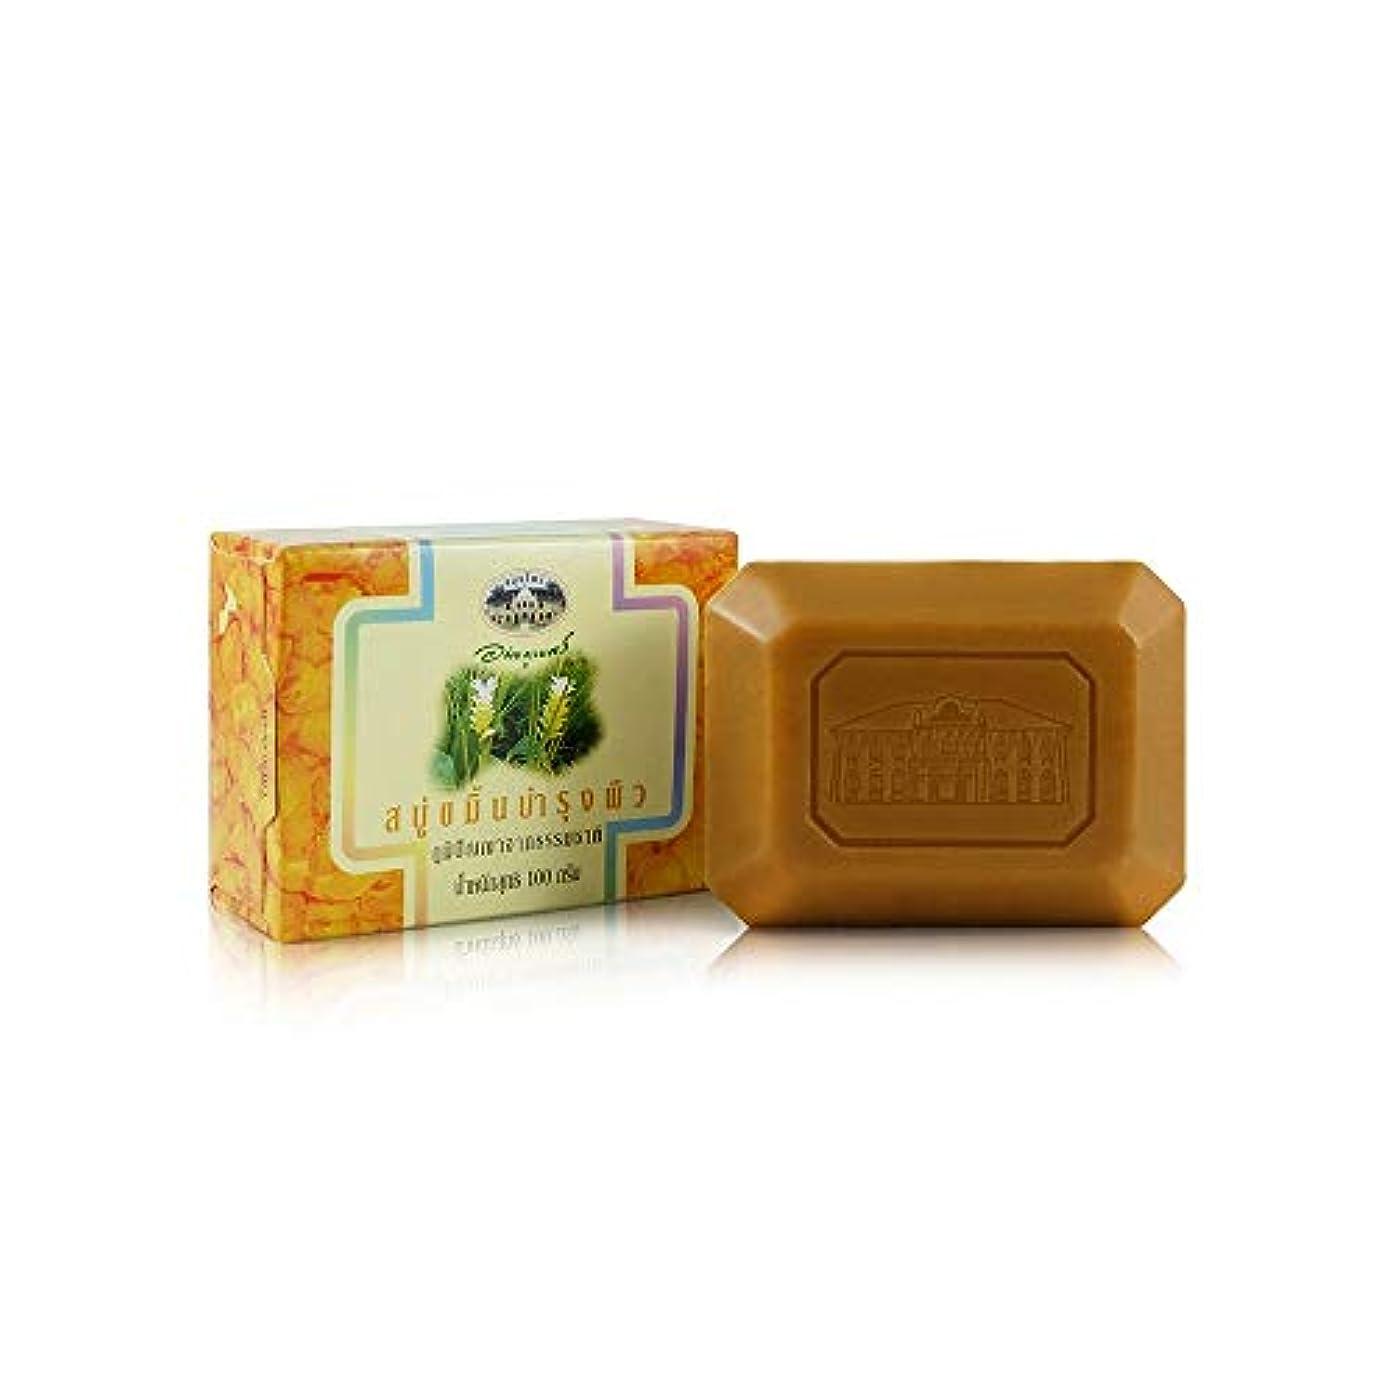 オーガニック反発する専らAbhaibhubejhr Turmeric Herbal Body Cleansing Soap 100g. Abhaibhubejhrターメリックハーブボディクレンジングソープ100グラム。